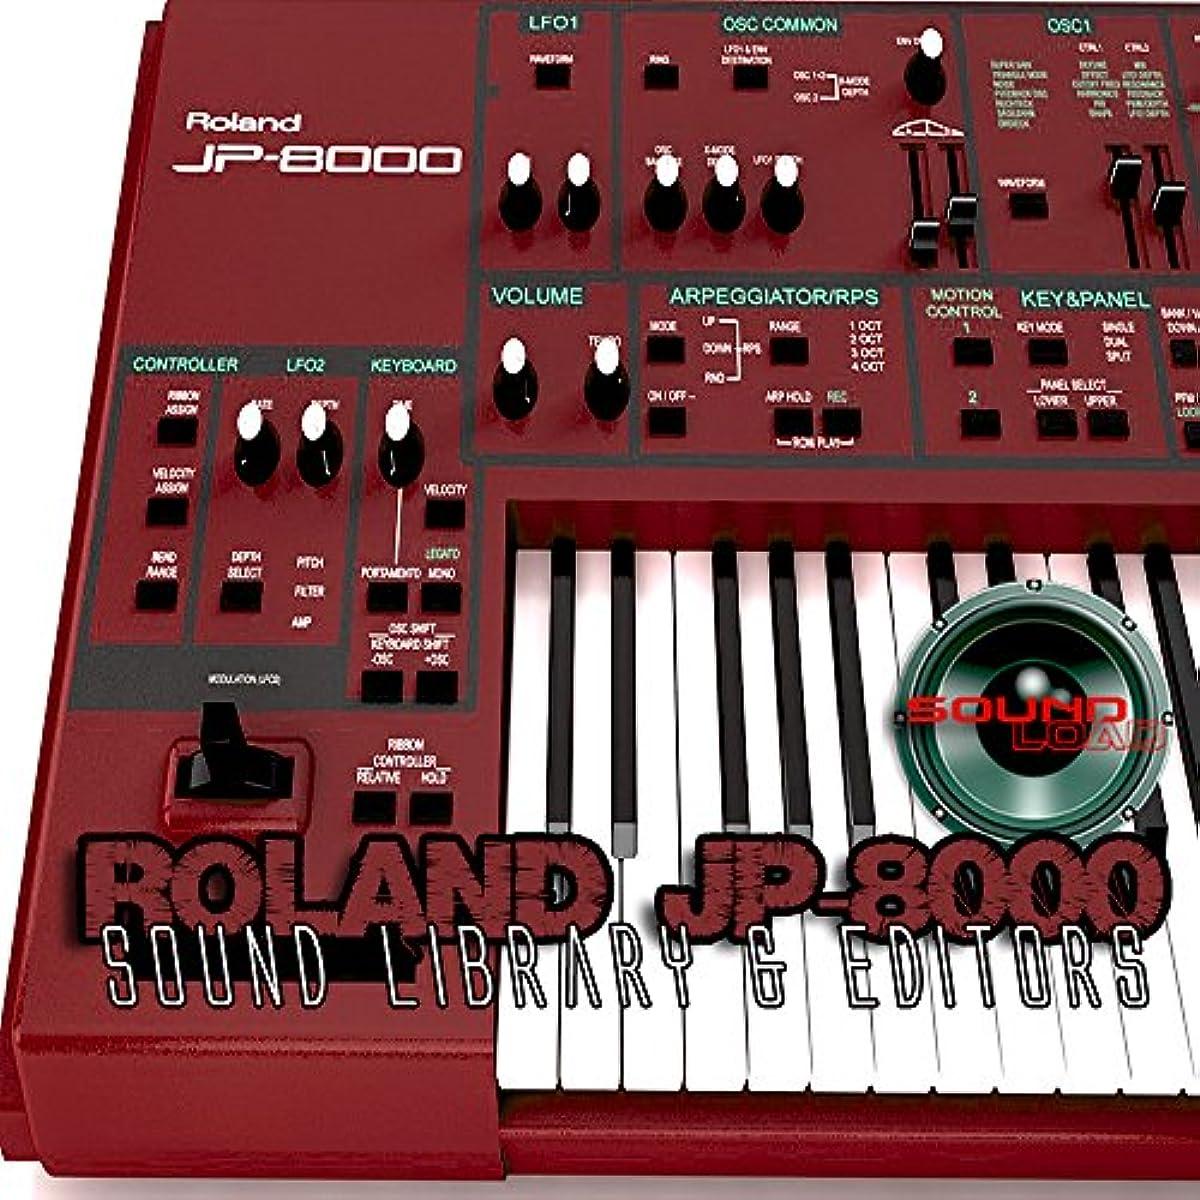 [해외] ROLAND JP-8000 HUGE ORIGINAL FACTORY & NEW CREATED SOUND LIBRARY & EDITORS ON CD